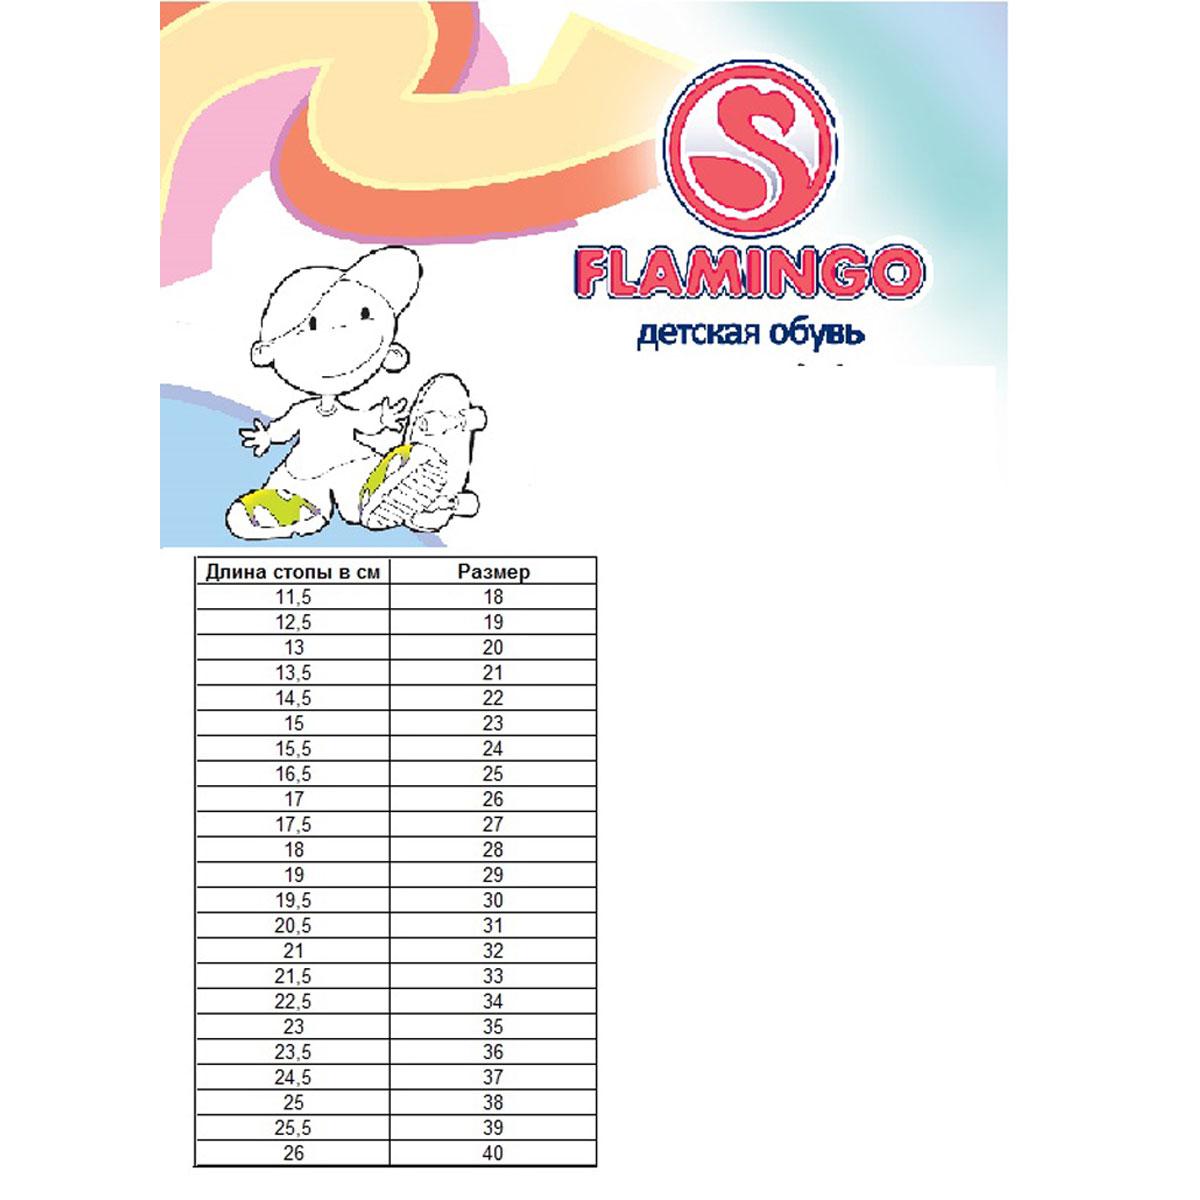 Flamingo ������ ��� �������. 52-XC156